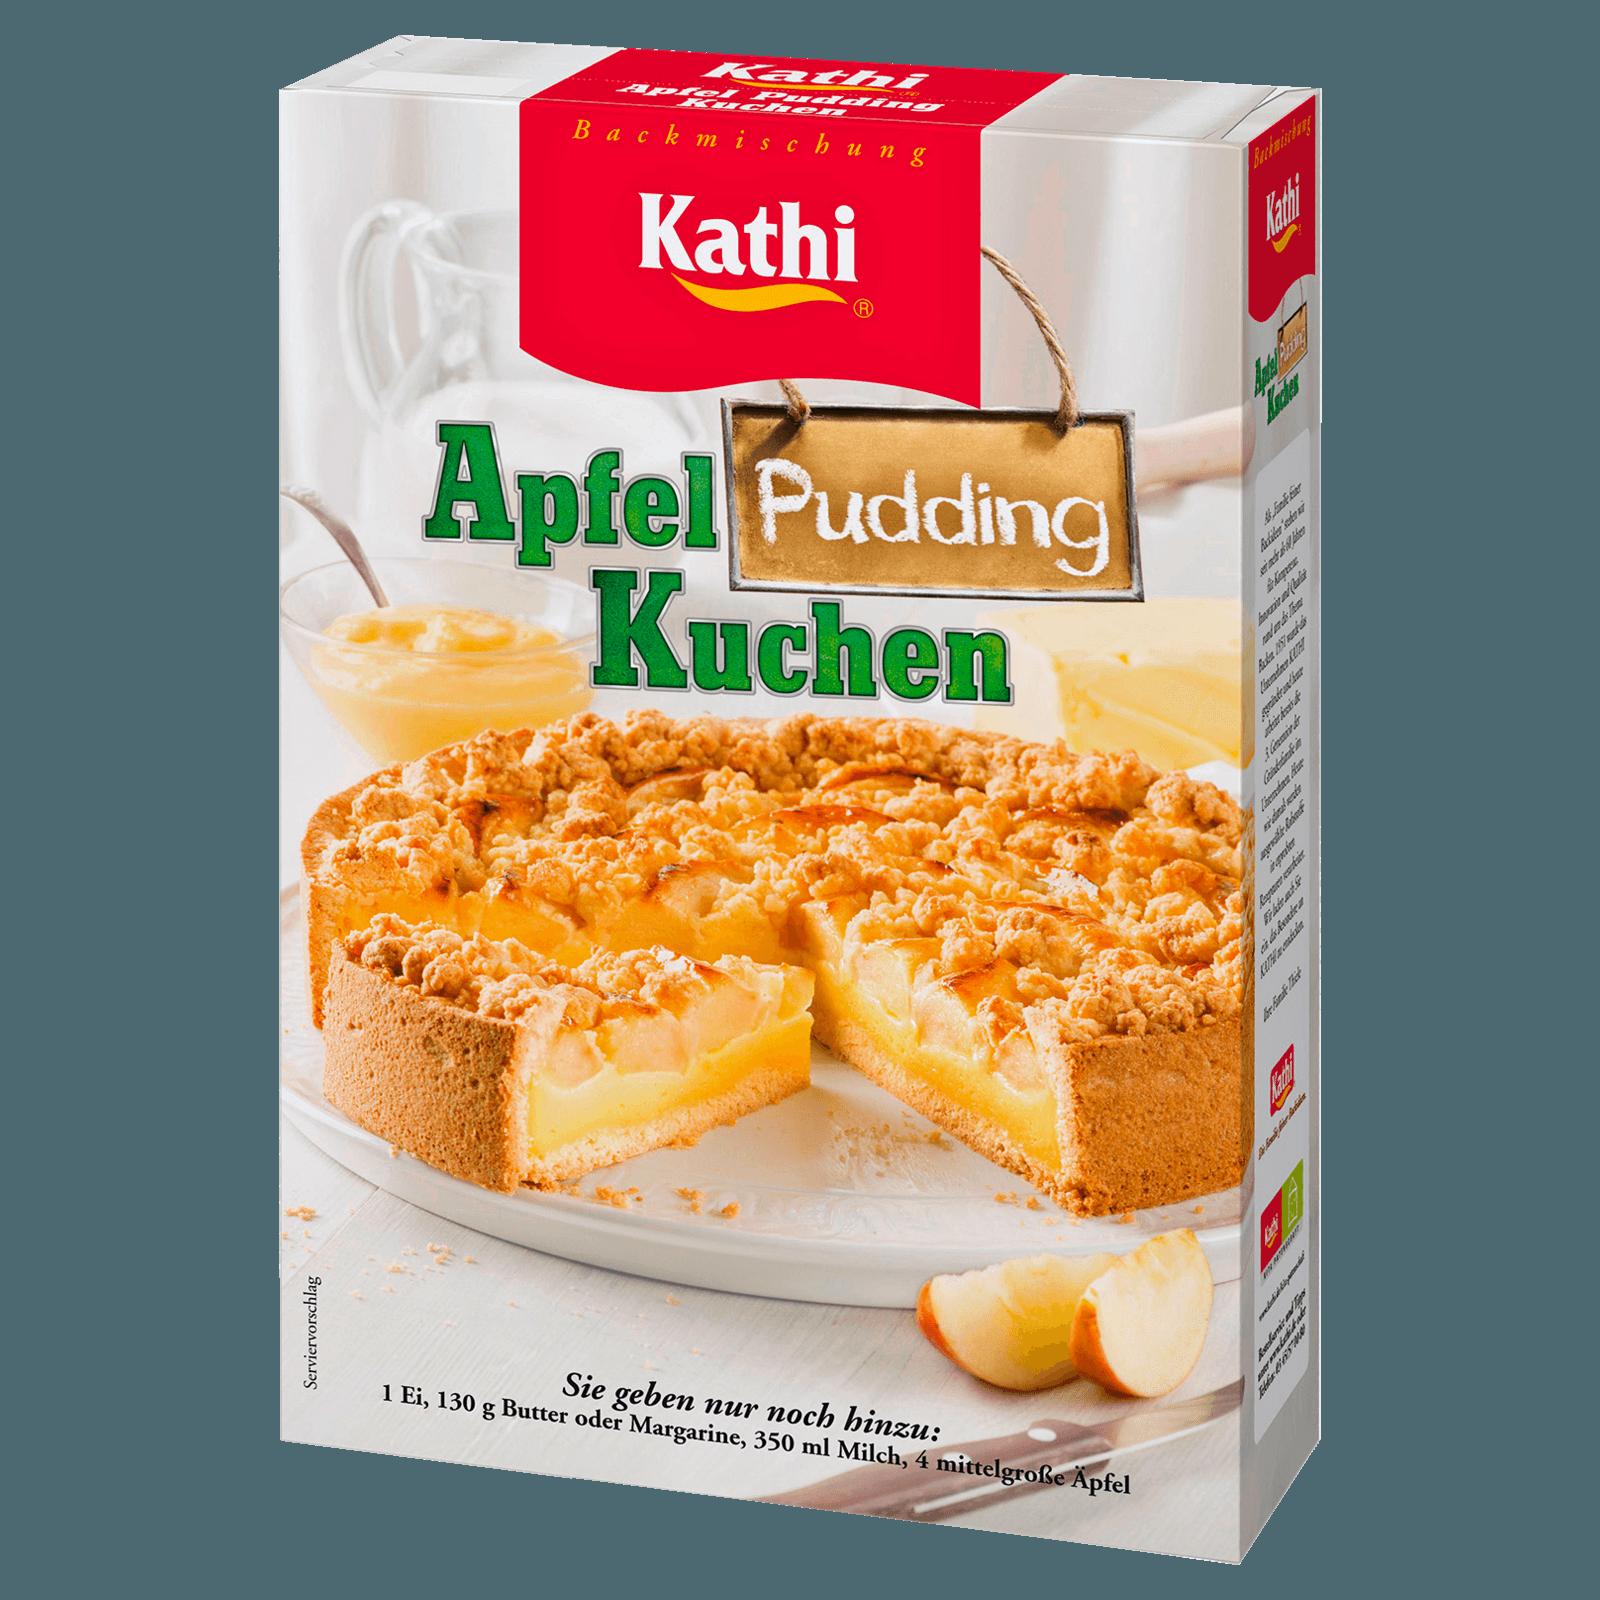 Kathi Apfel Pudding Kuchen 520g Bei Rewe Online Bestellen